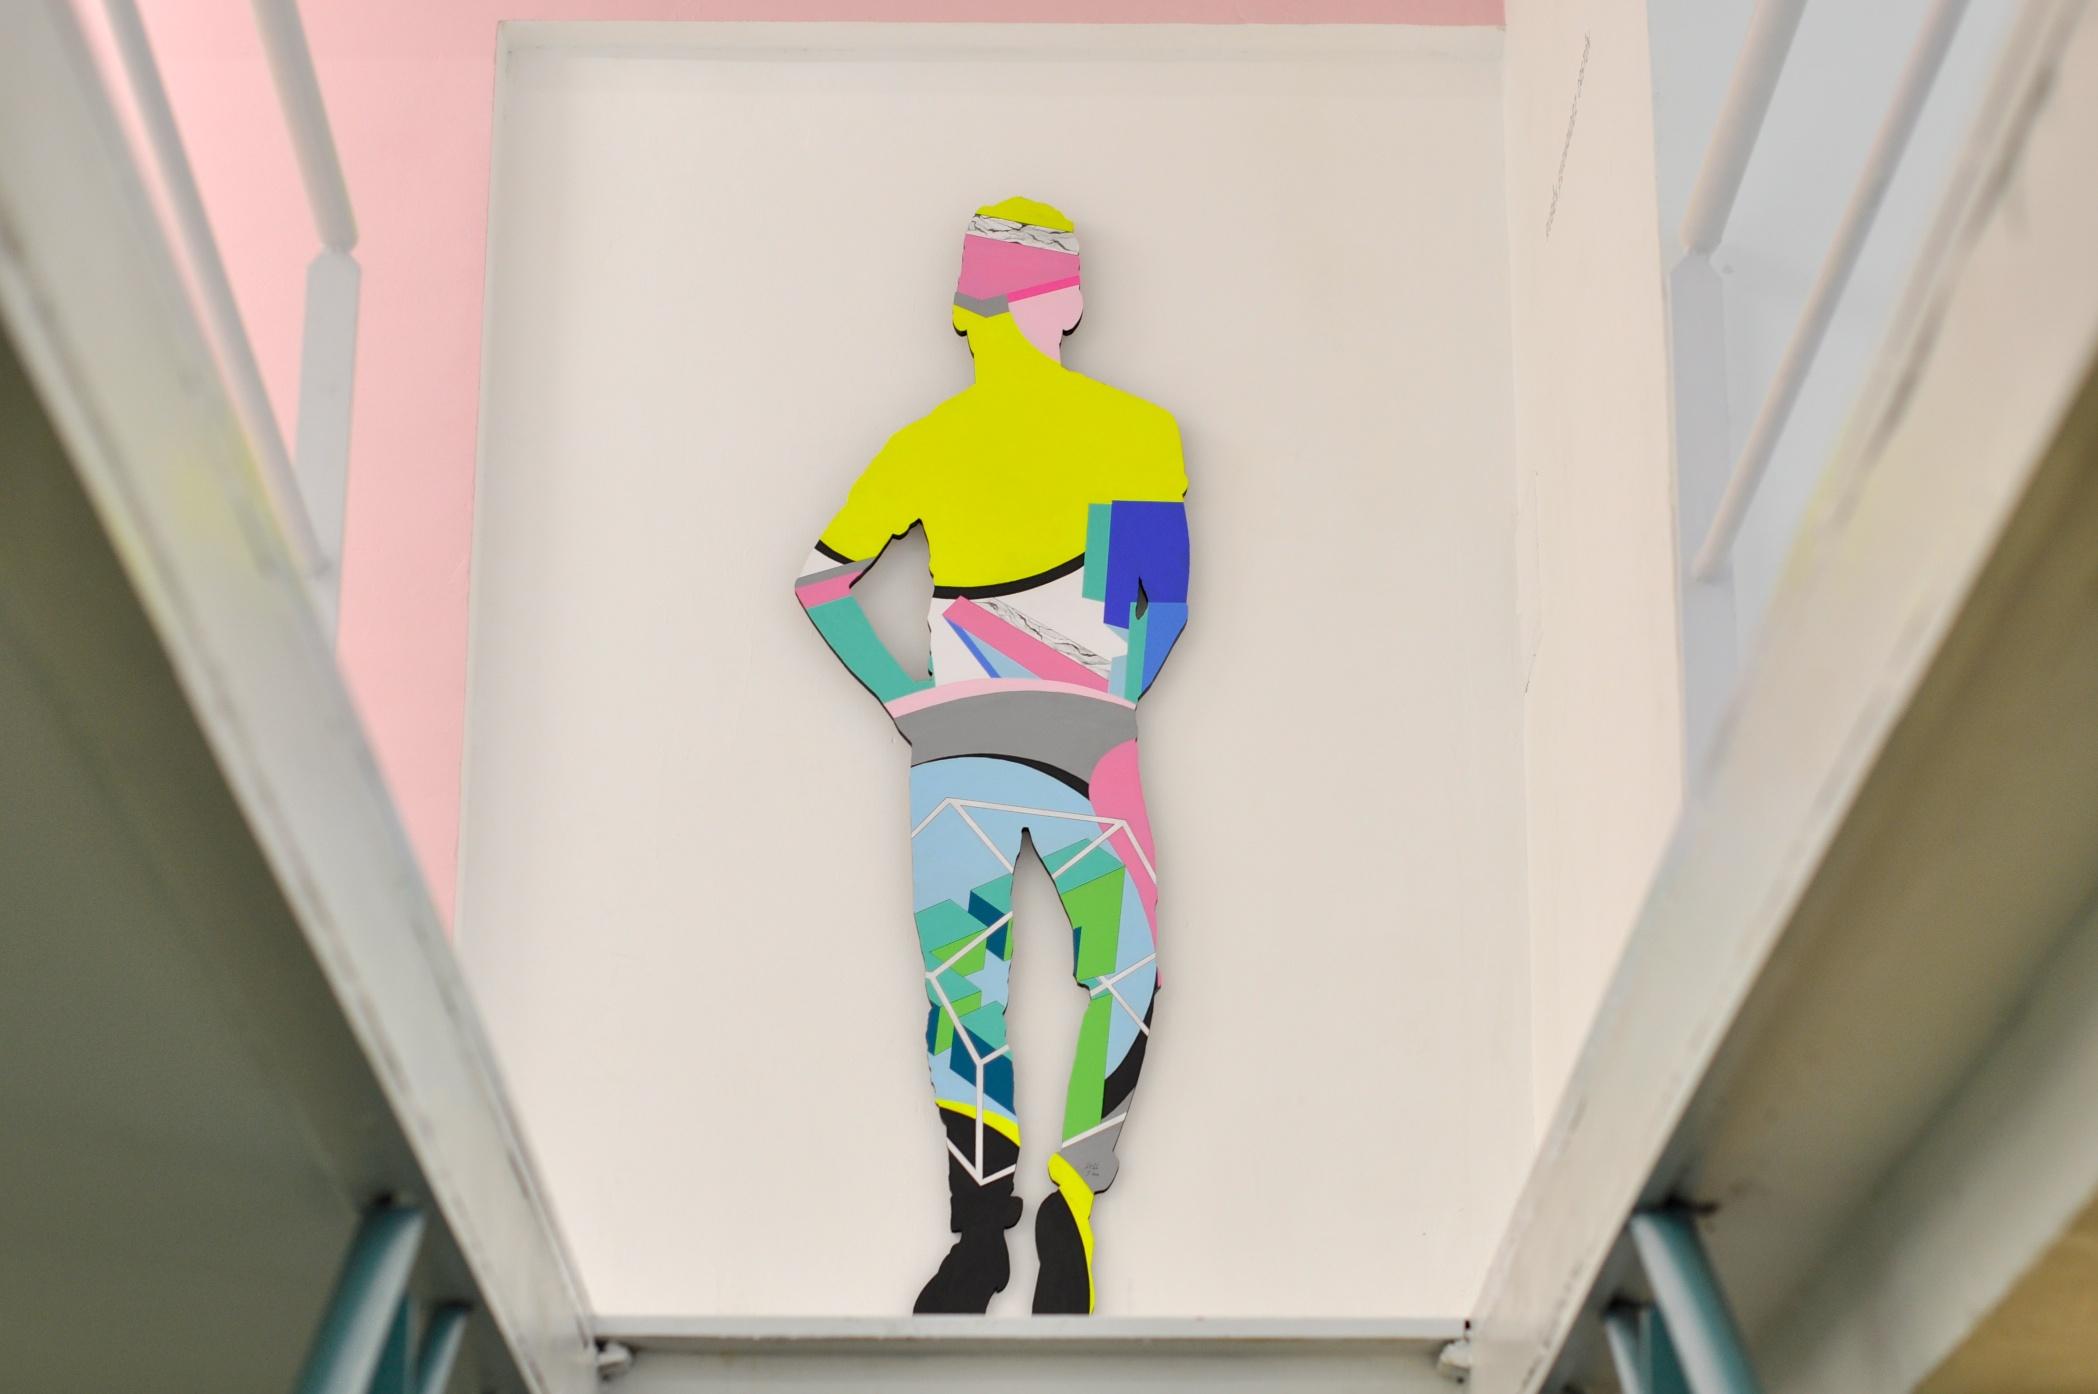 Rubén Fernández Castón saboreando espacio nuca pintura obra pictórica espacio art arte contemporáneo galería exposición artístico